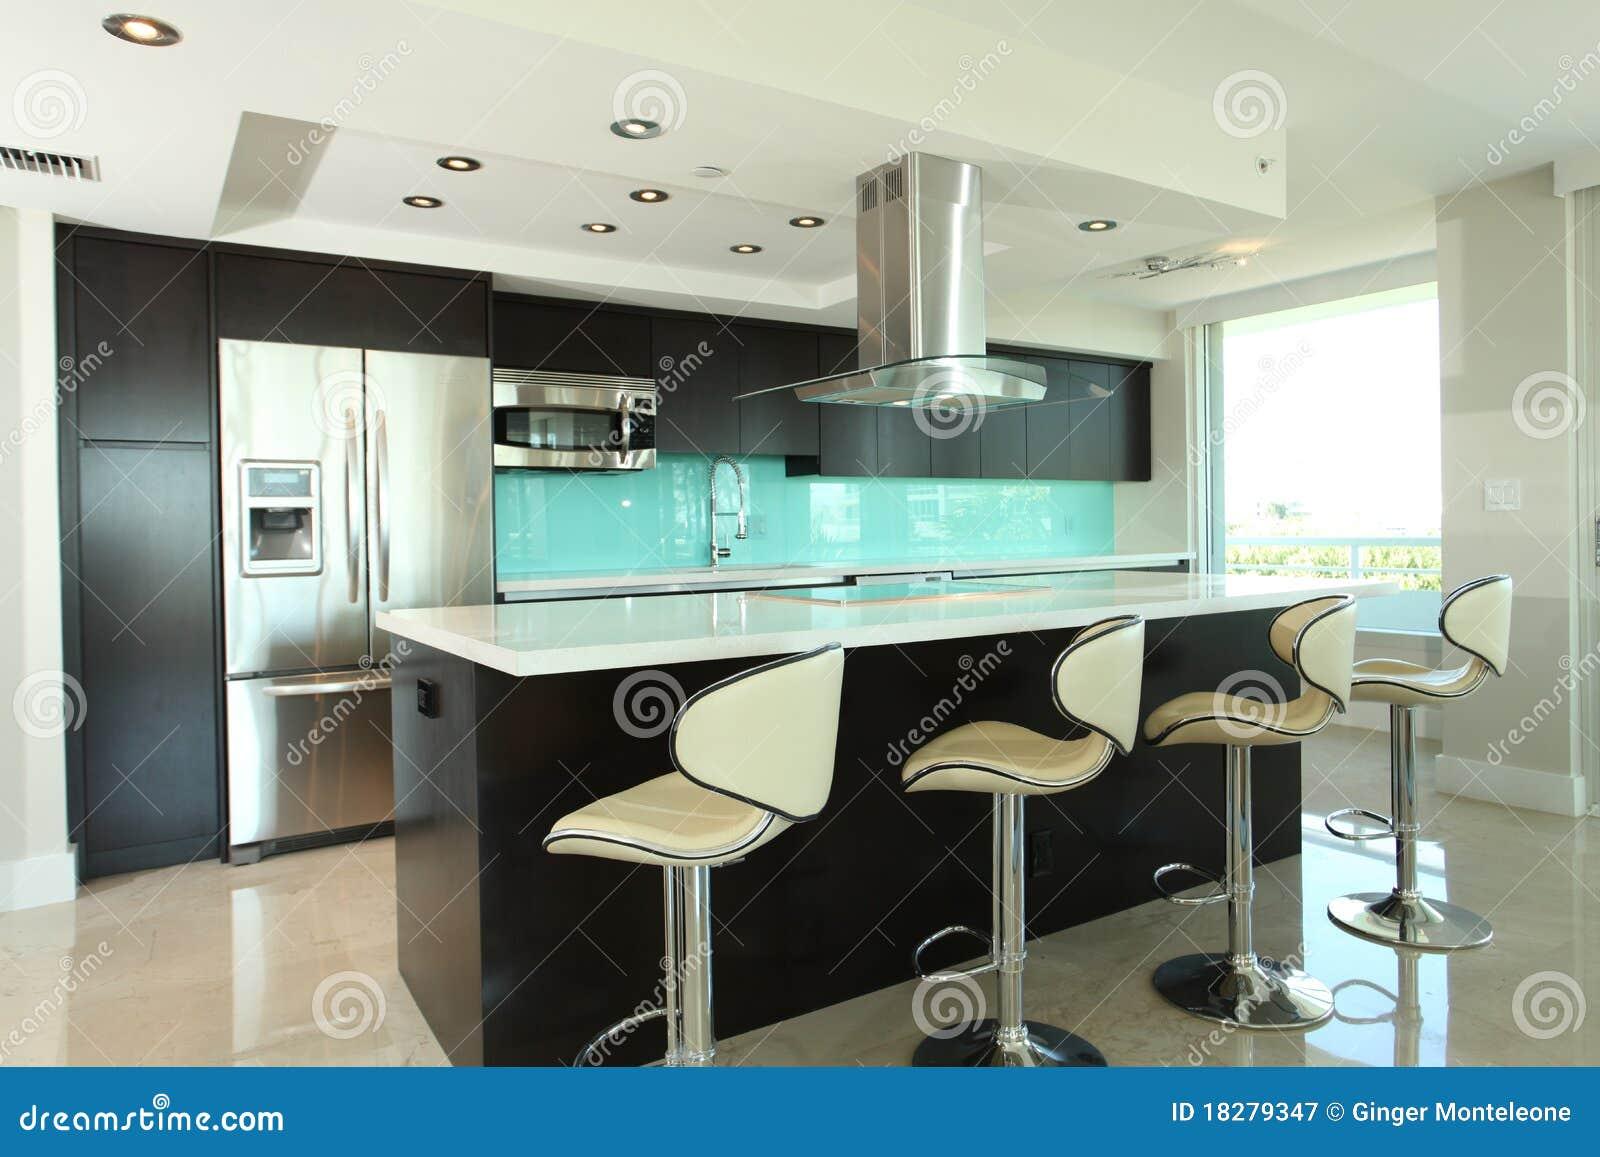 Cozinha Moderna Imagem De Stock Imagem De Espresso Branco 18279347